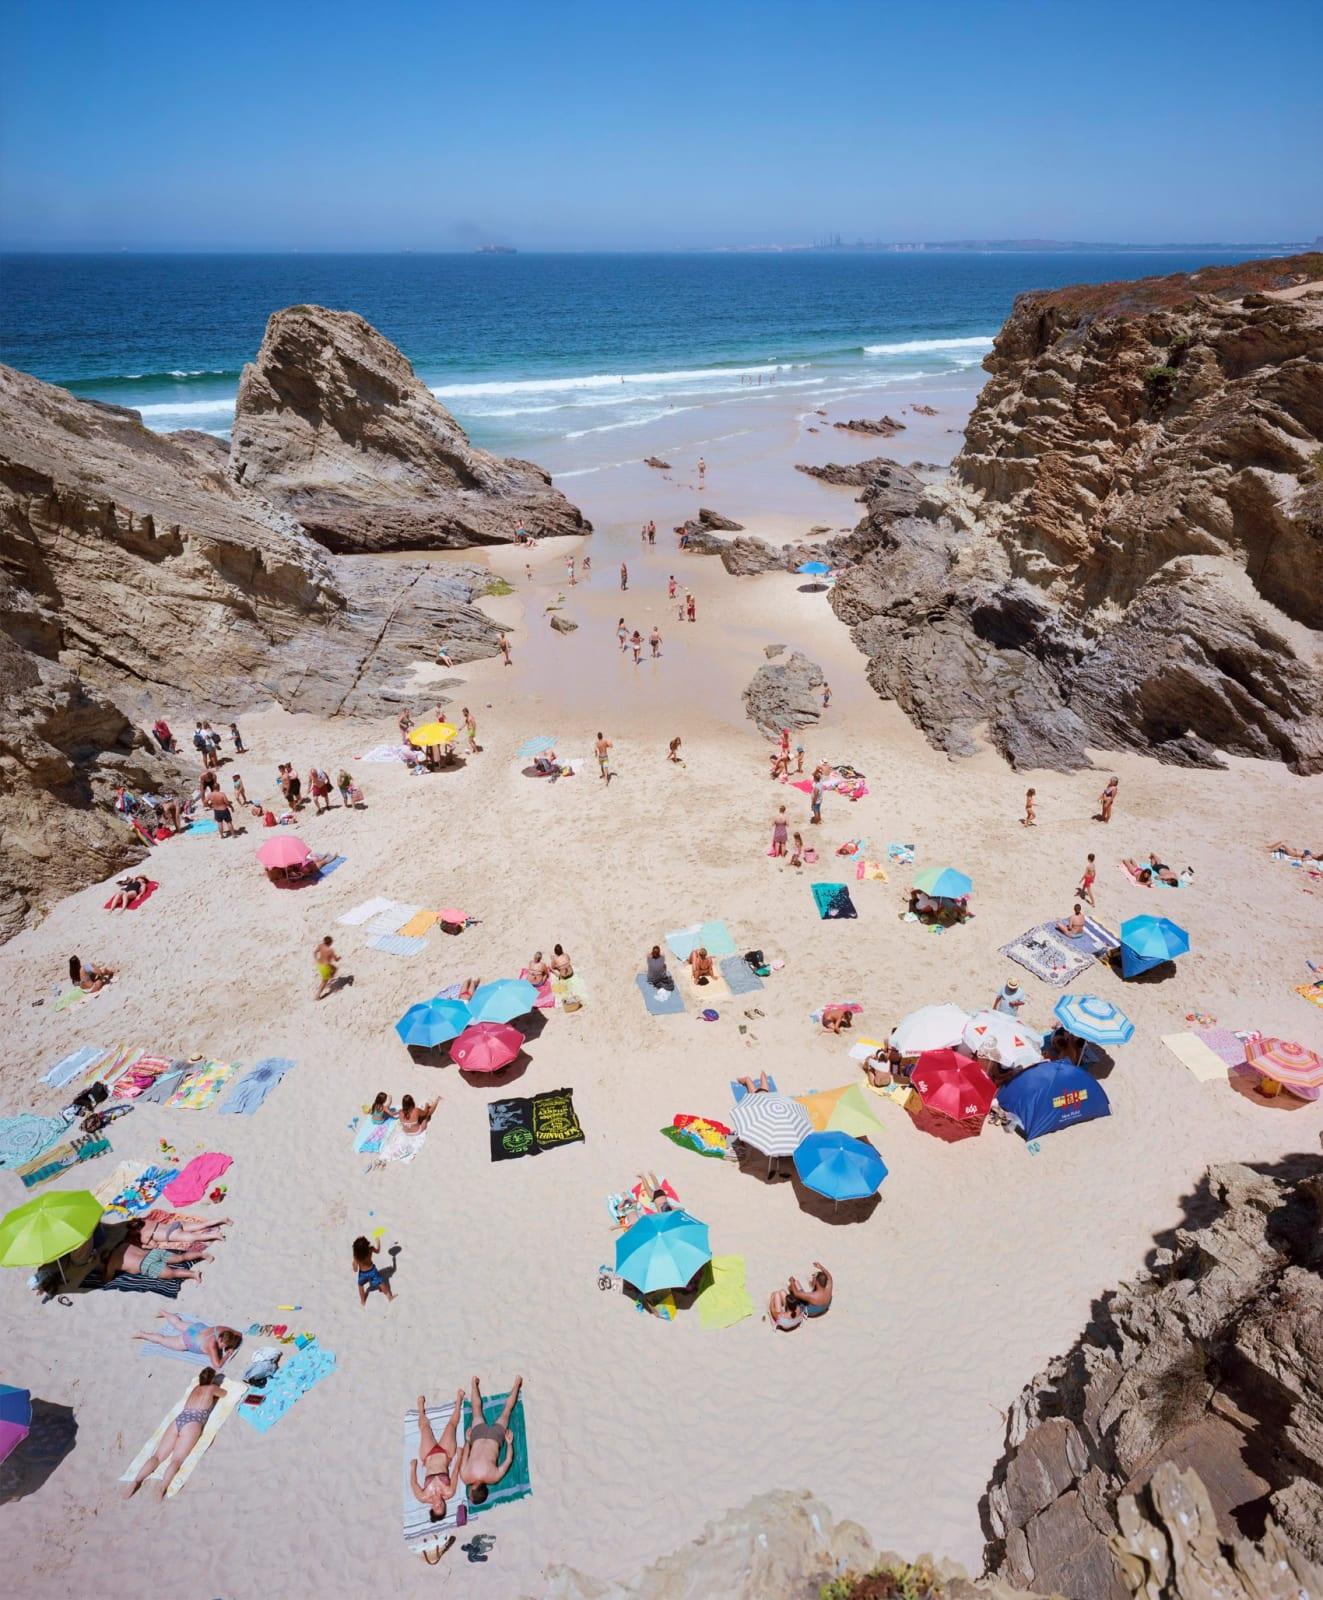 Christian Chaize Praia Piquinia 05/08/19 13h01, 2019